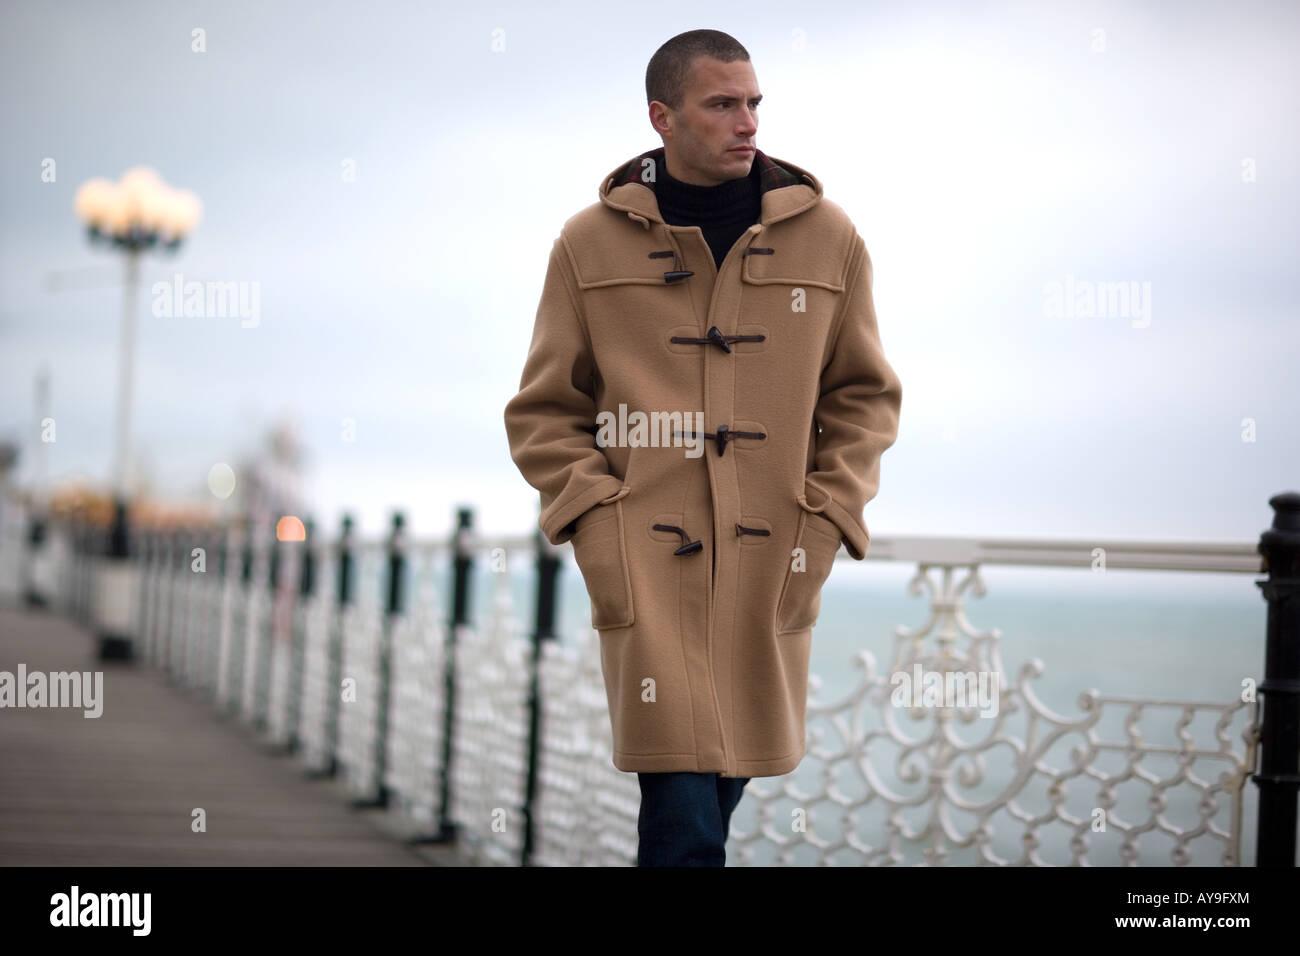 Hombre de duffle coat caminando por el muelle en Brighton, REINO UNIDO Imagen De Stock